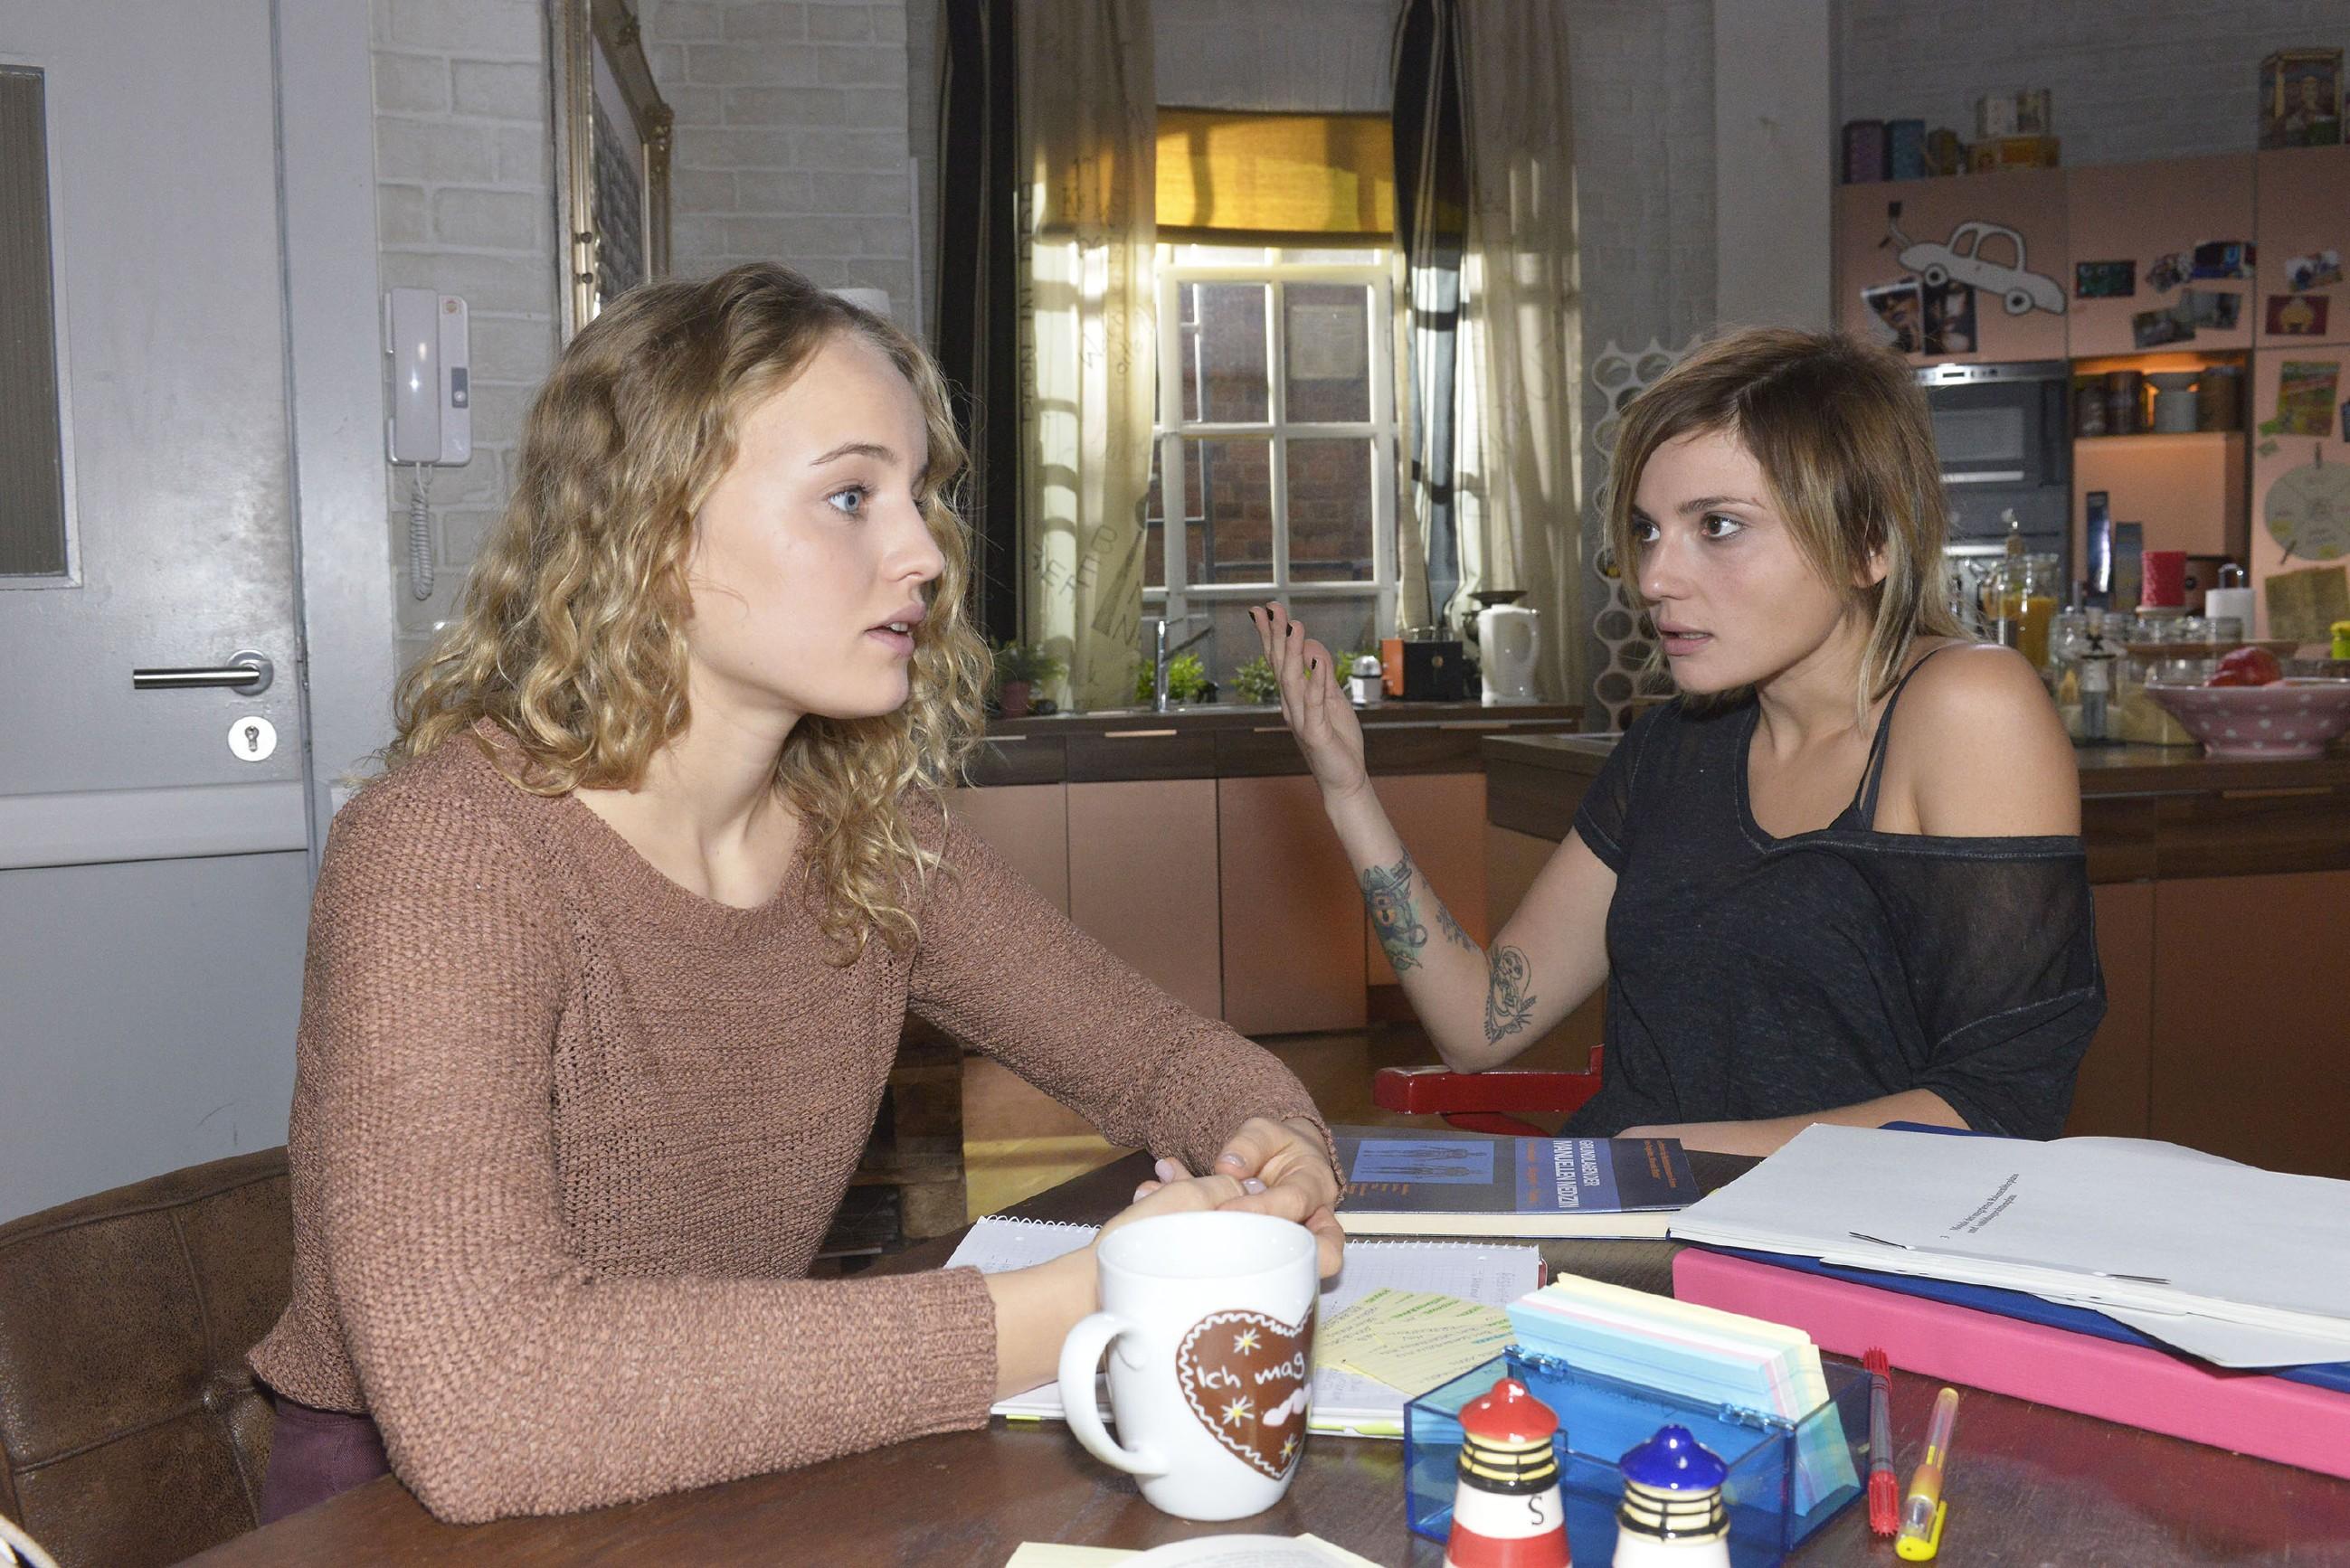 Nach Tuners Geständnis vertraut sich Jule (Luise von Finckh, l.) Anni (Linda Marlen Runge) an, die ihr eine gepfefferte Ansage macht, Tuner nicht das Herz zu brechen. (Foto: RTL / Rolf Baumgartner)